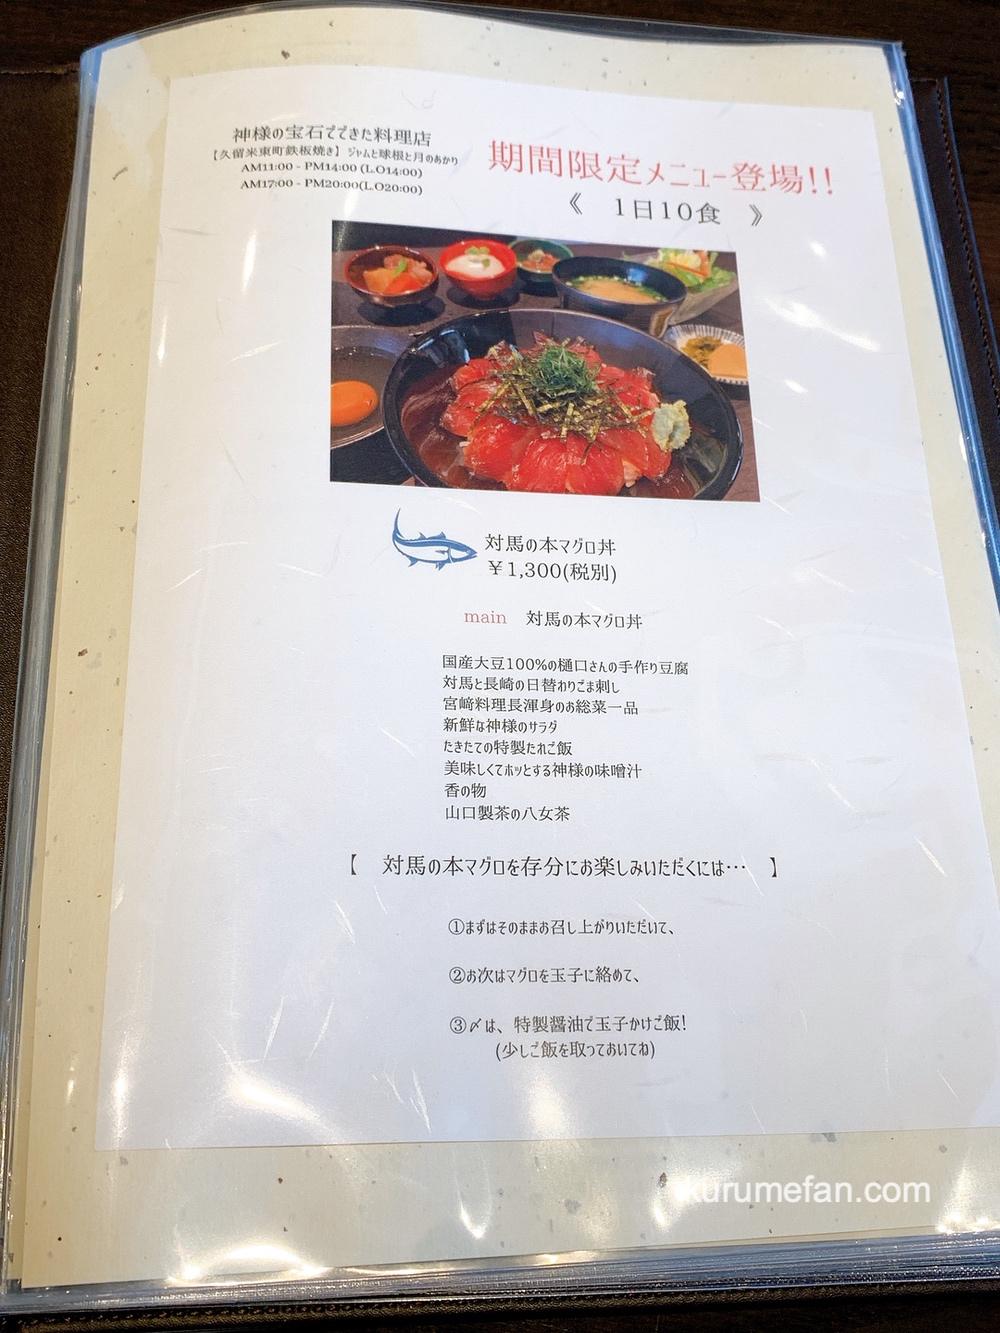 神様の宝石でできた料理店 ランチメニュー表